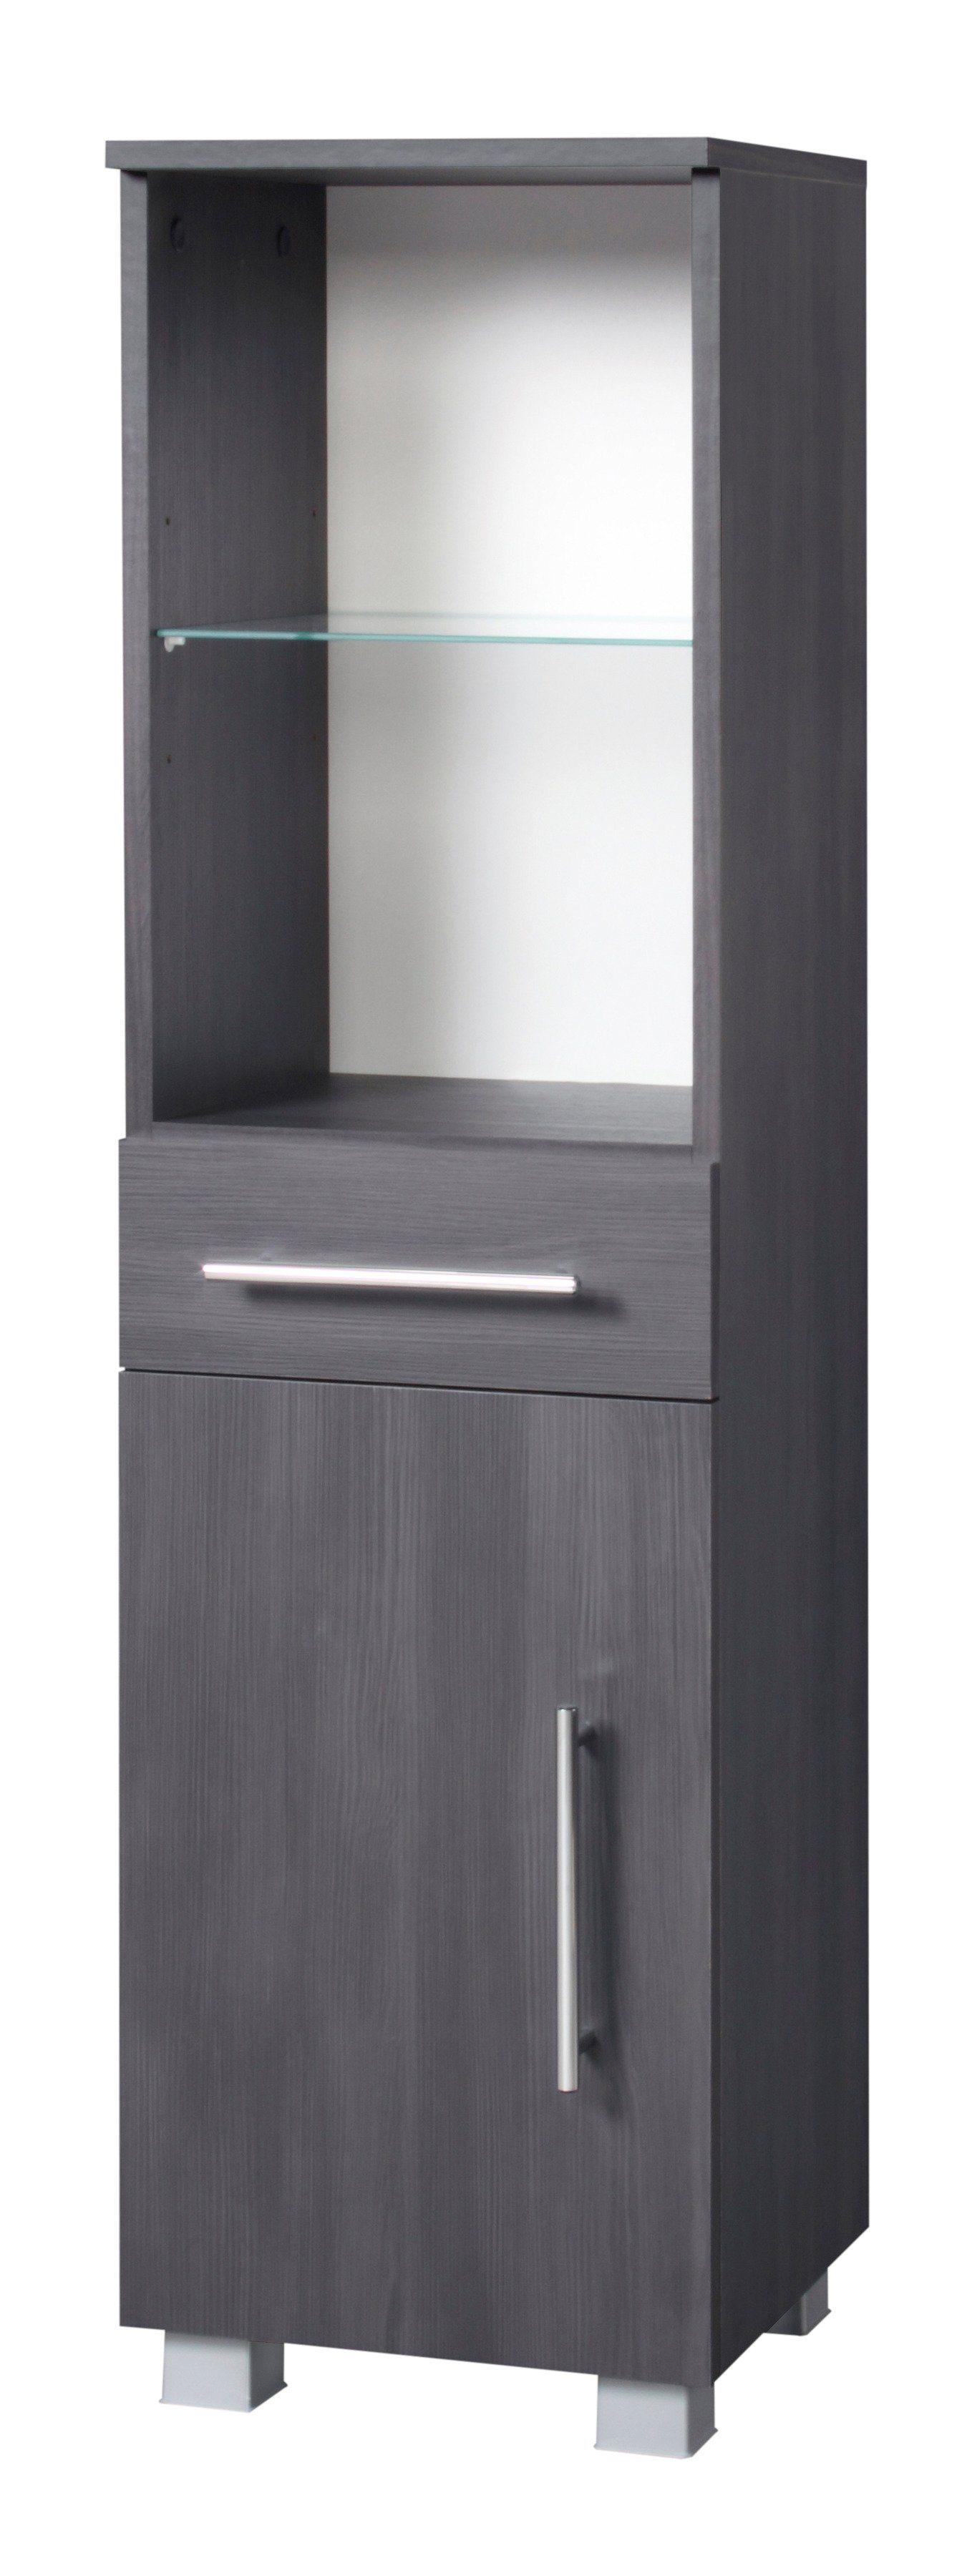 Badezimmerschränke online kaufen   Möbel-Suchmaschine   ladendirekt.de